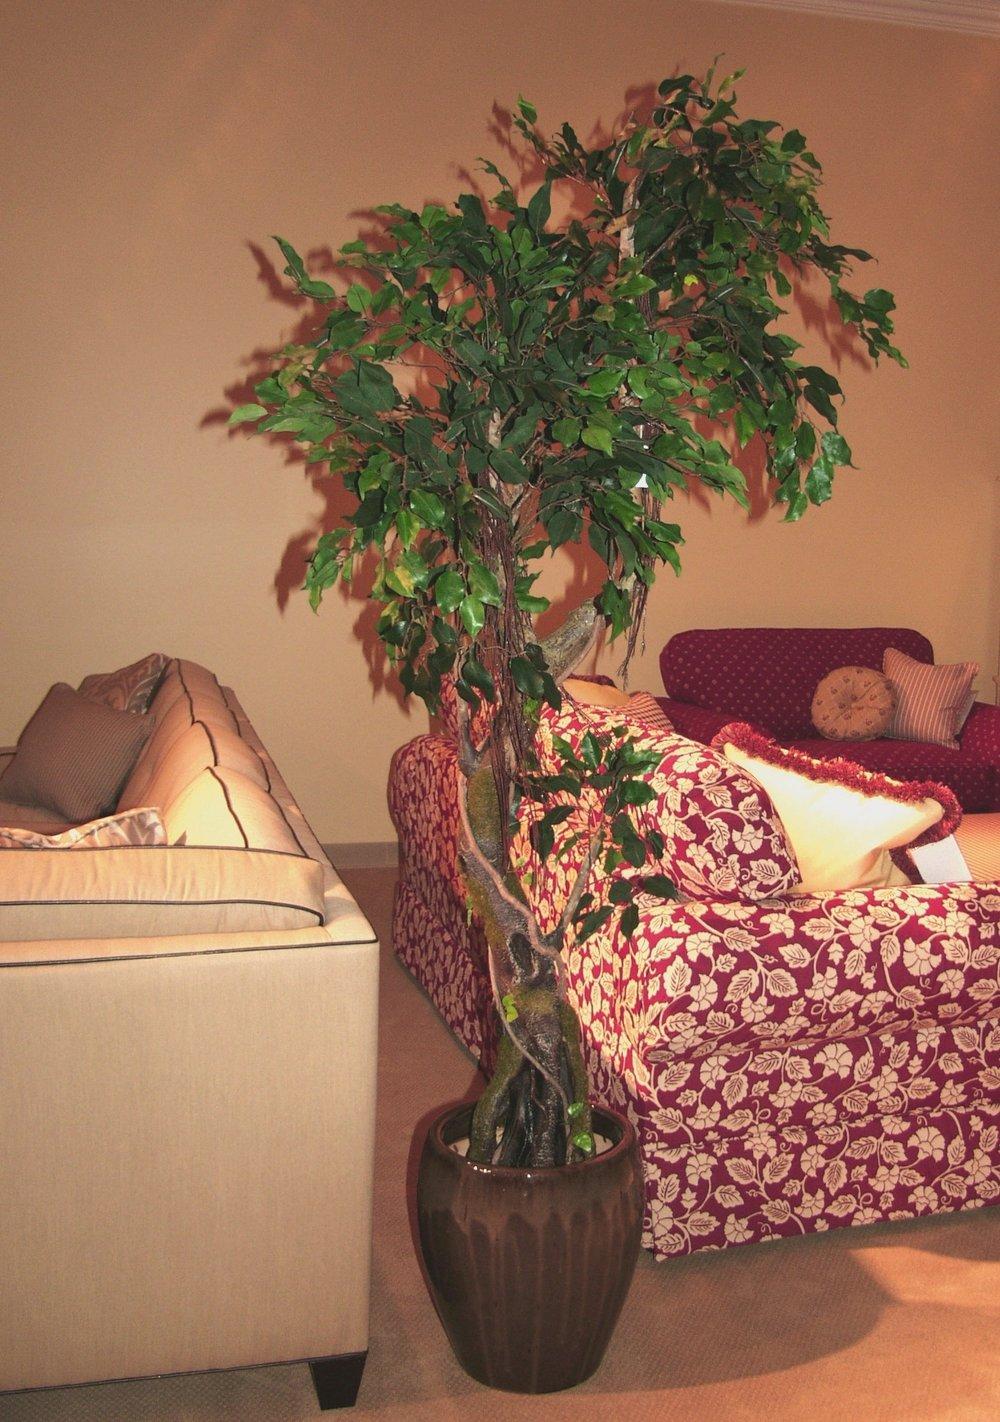 TCM 2791- Ficus Benjamina